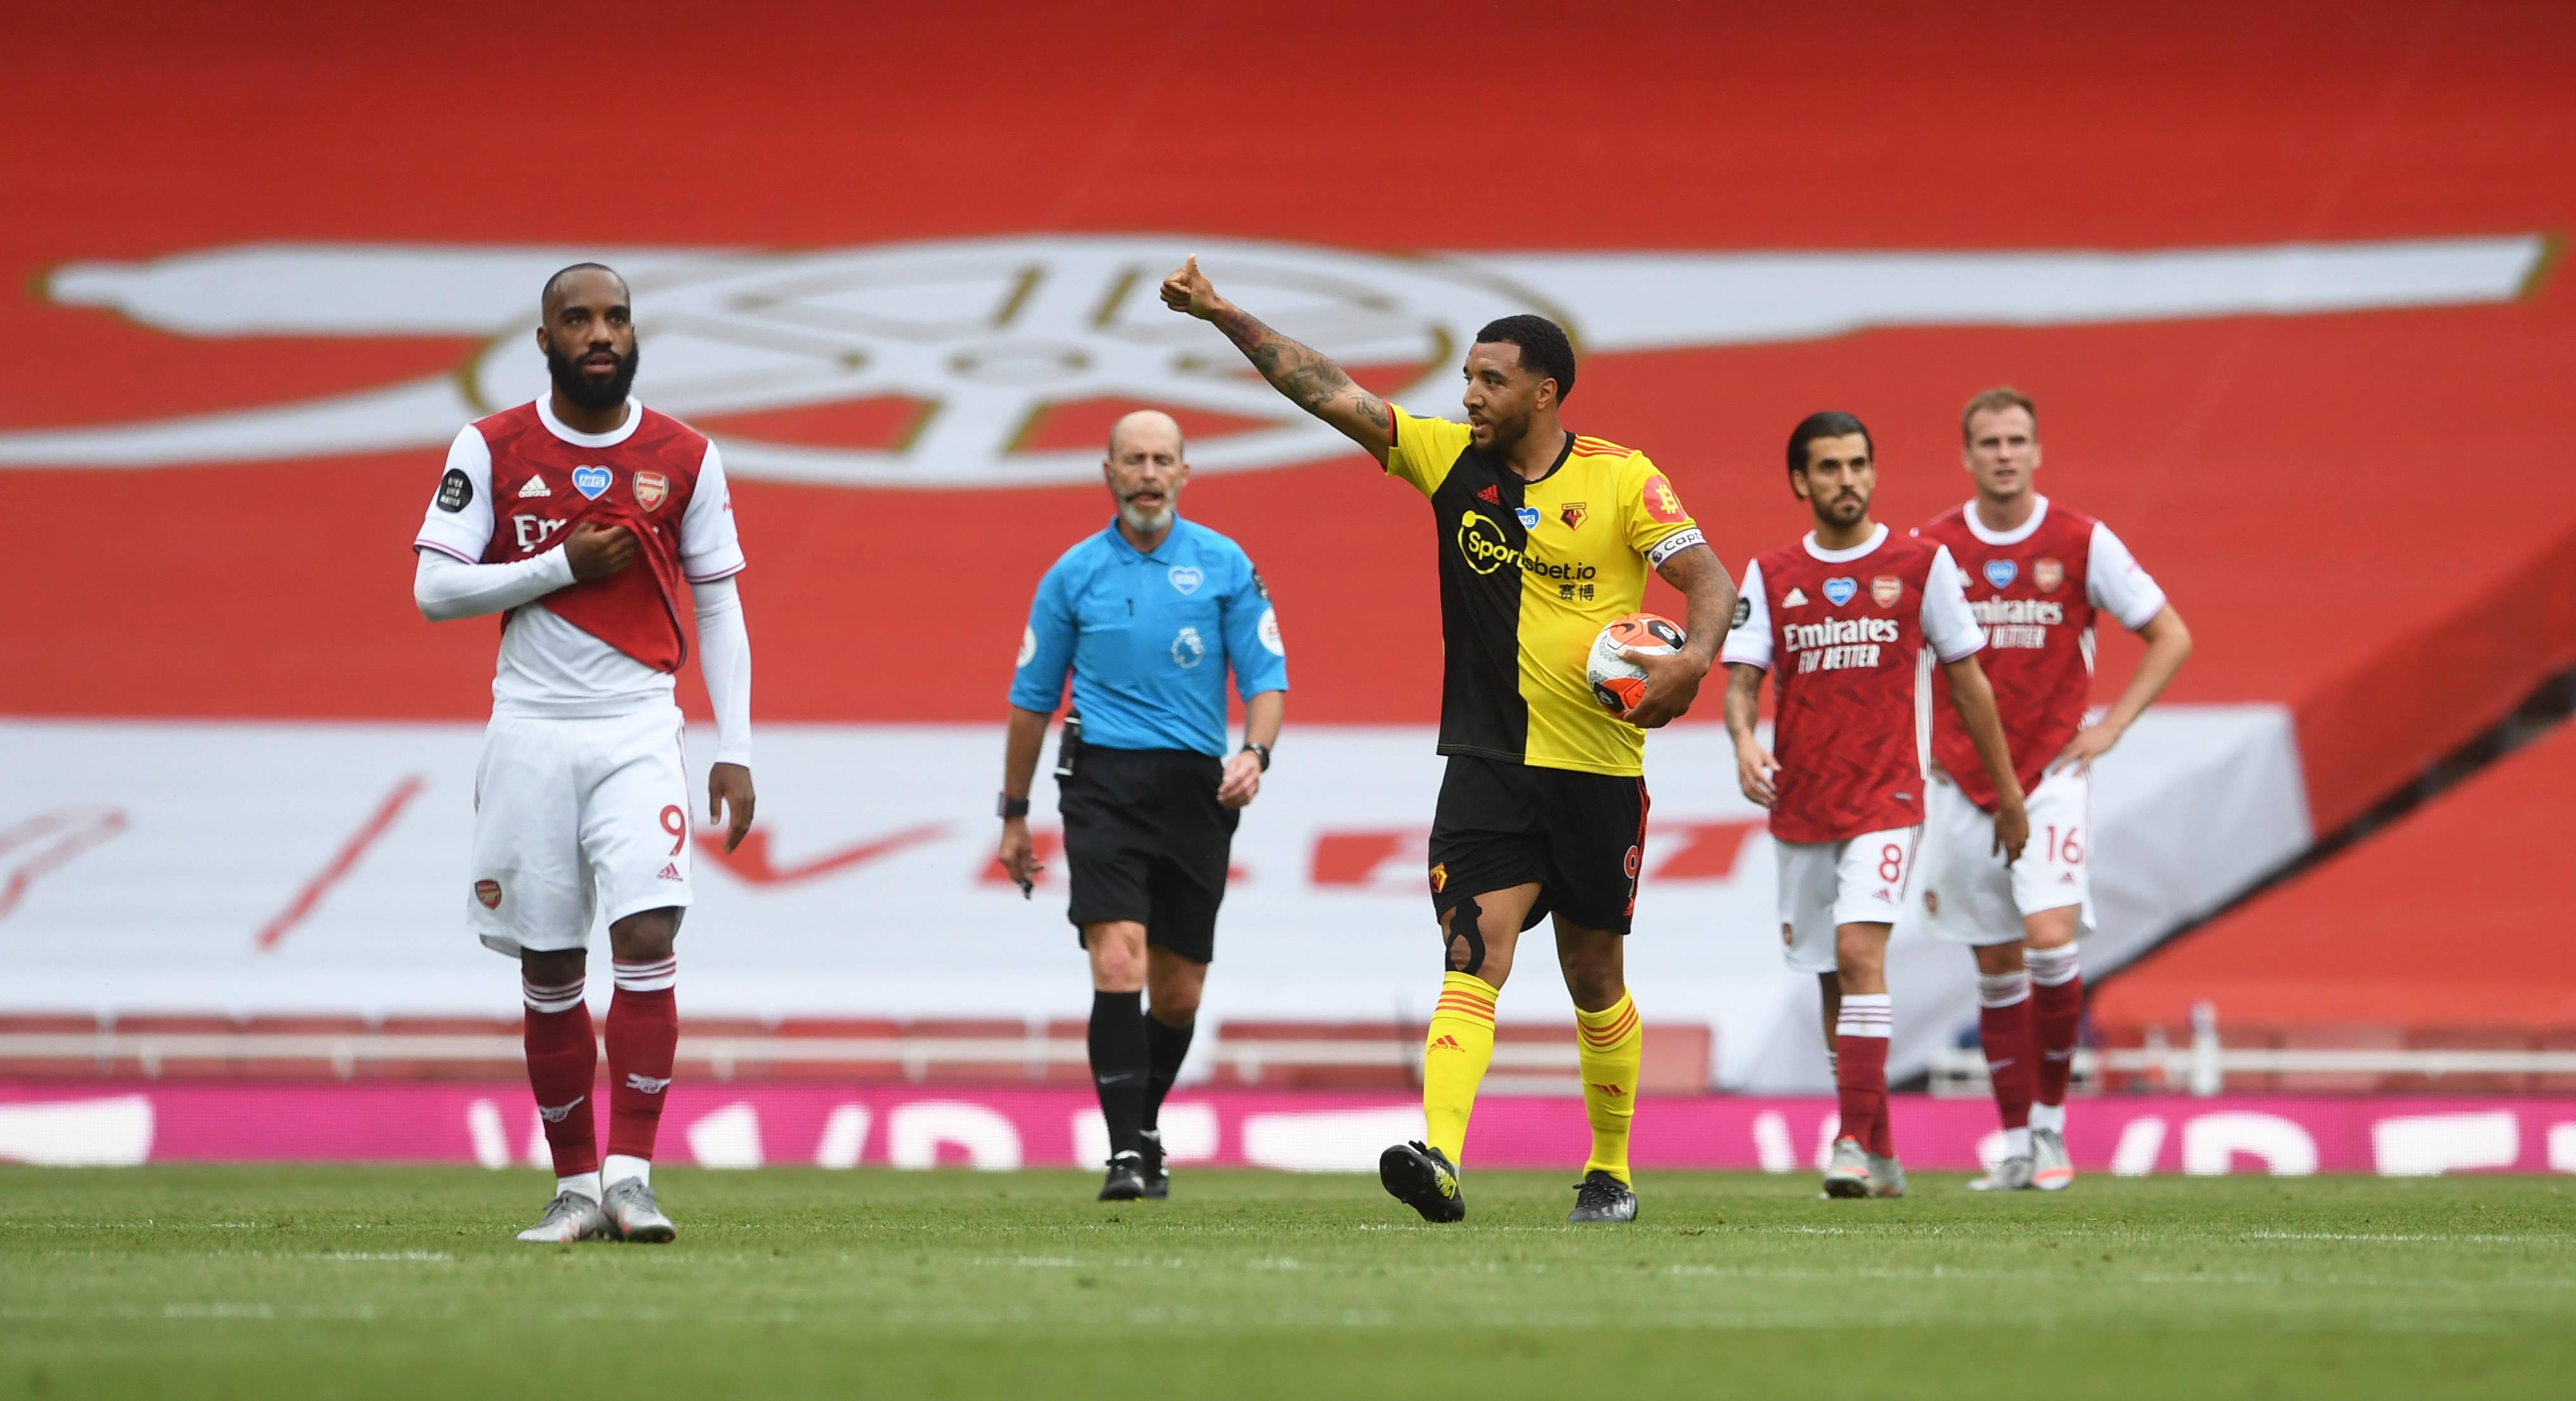 足球——英超:阿森納勝沃特福德_比賽